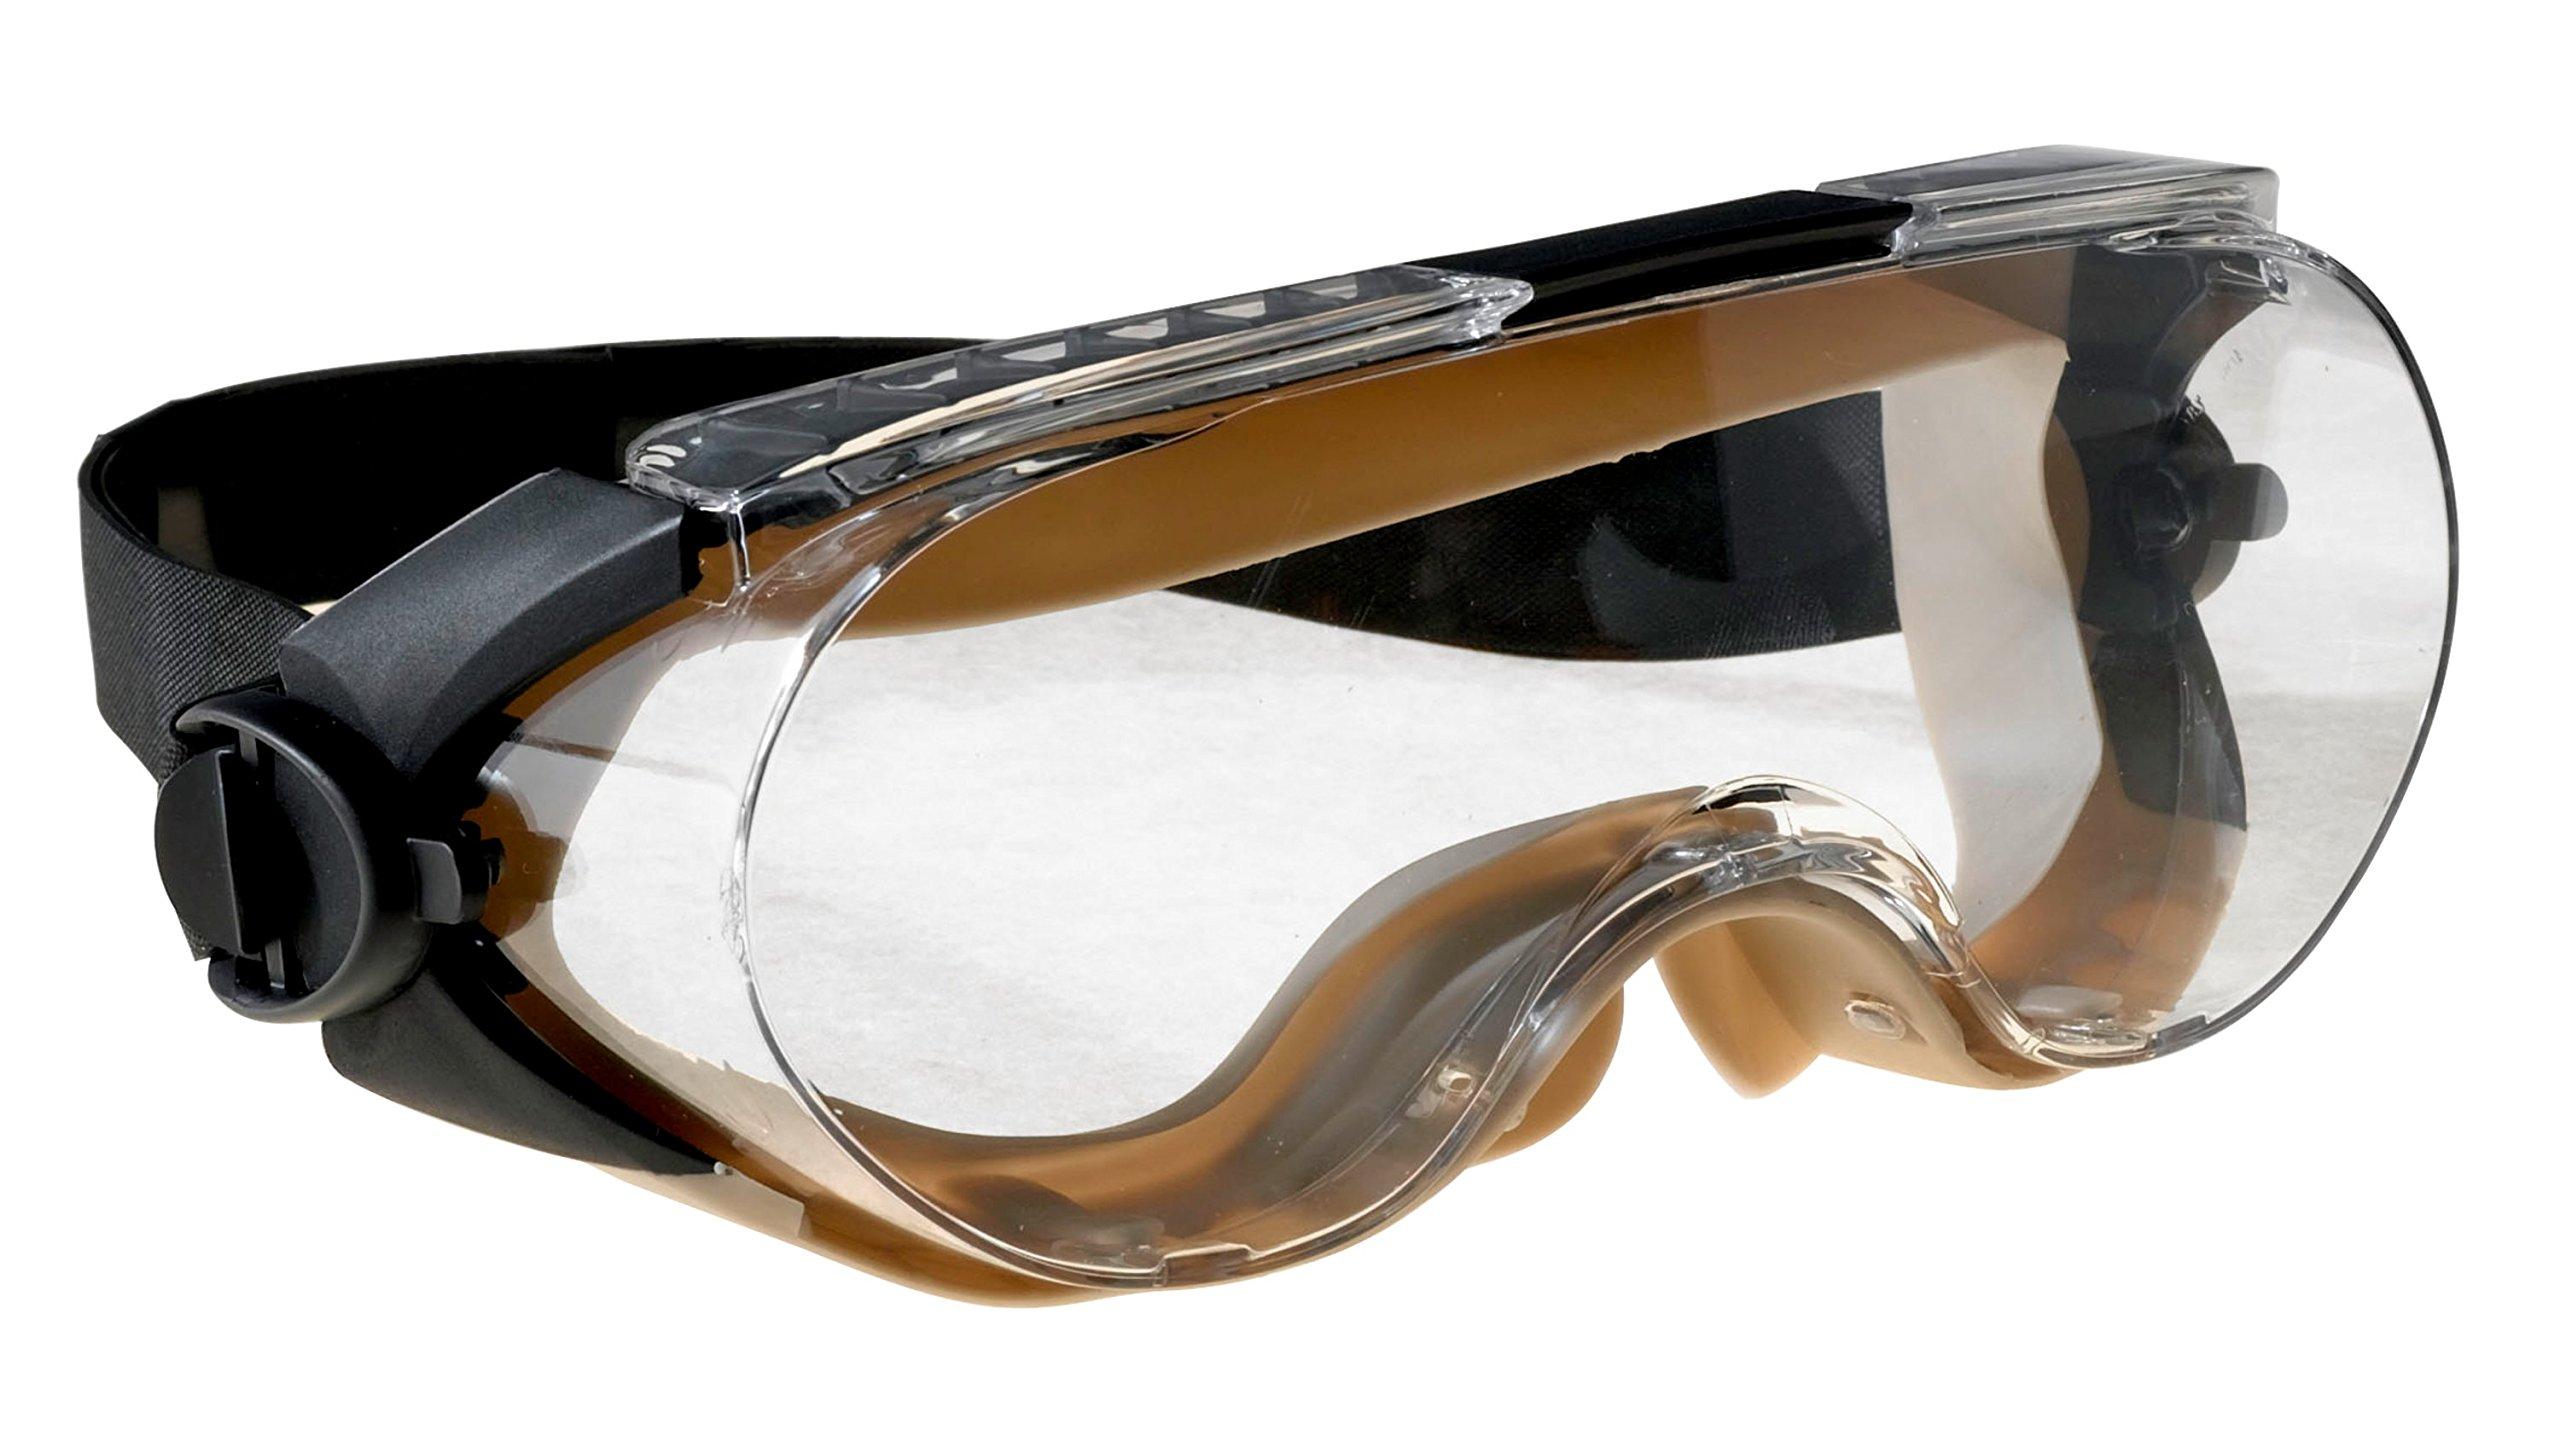 3M Safety 40305-00000-10 454AF Centurion Safety Splash Goggle Clear Anti-Fog Lens Case of 10